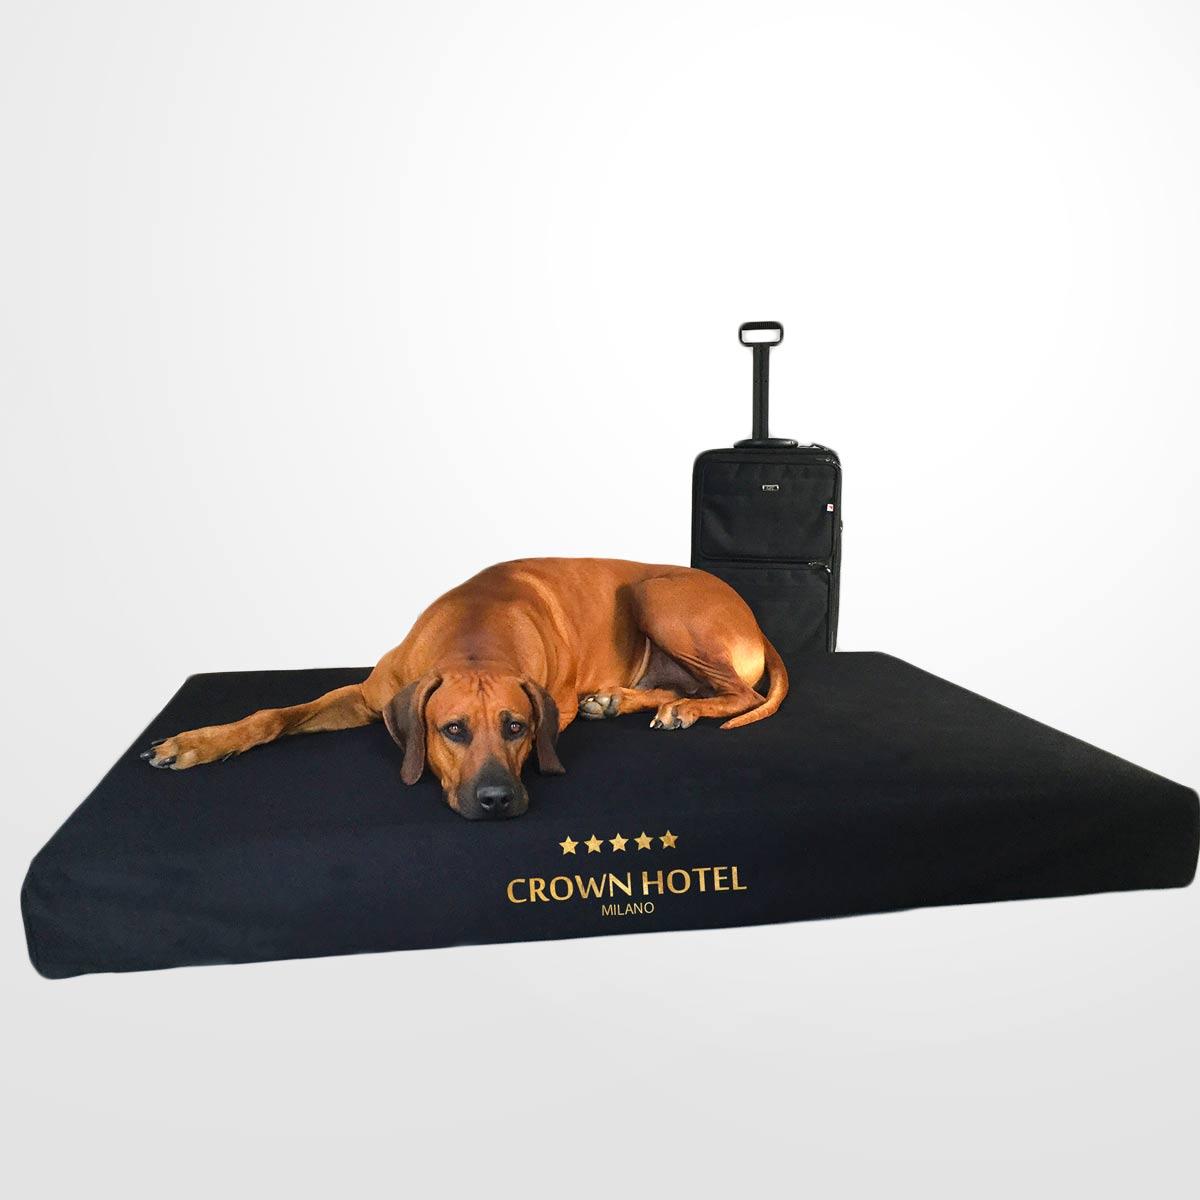 joodog TRAVEL Hotel M13 Ortho | KB, Orthopädische Hundematte, Hundebetten Grosshandel, Wholesale